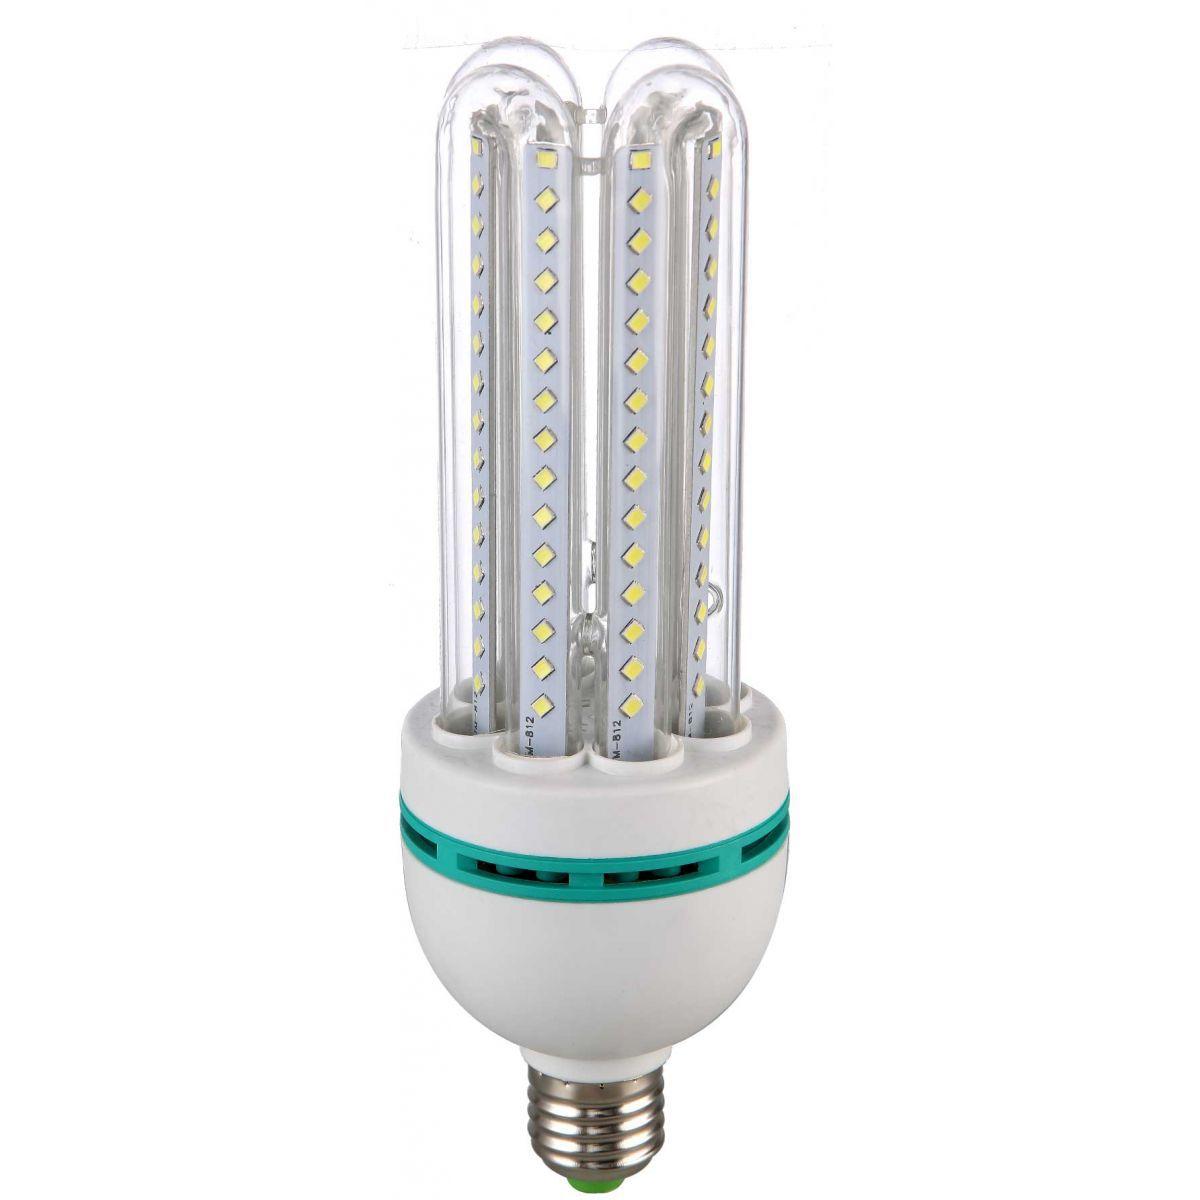 LAMPADA LED COMPACTA 4U 23W E27 BIVOLT - BRANCO FRIO 6000K